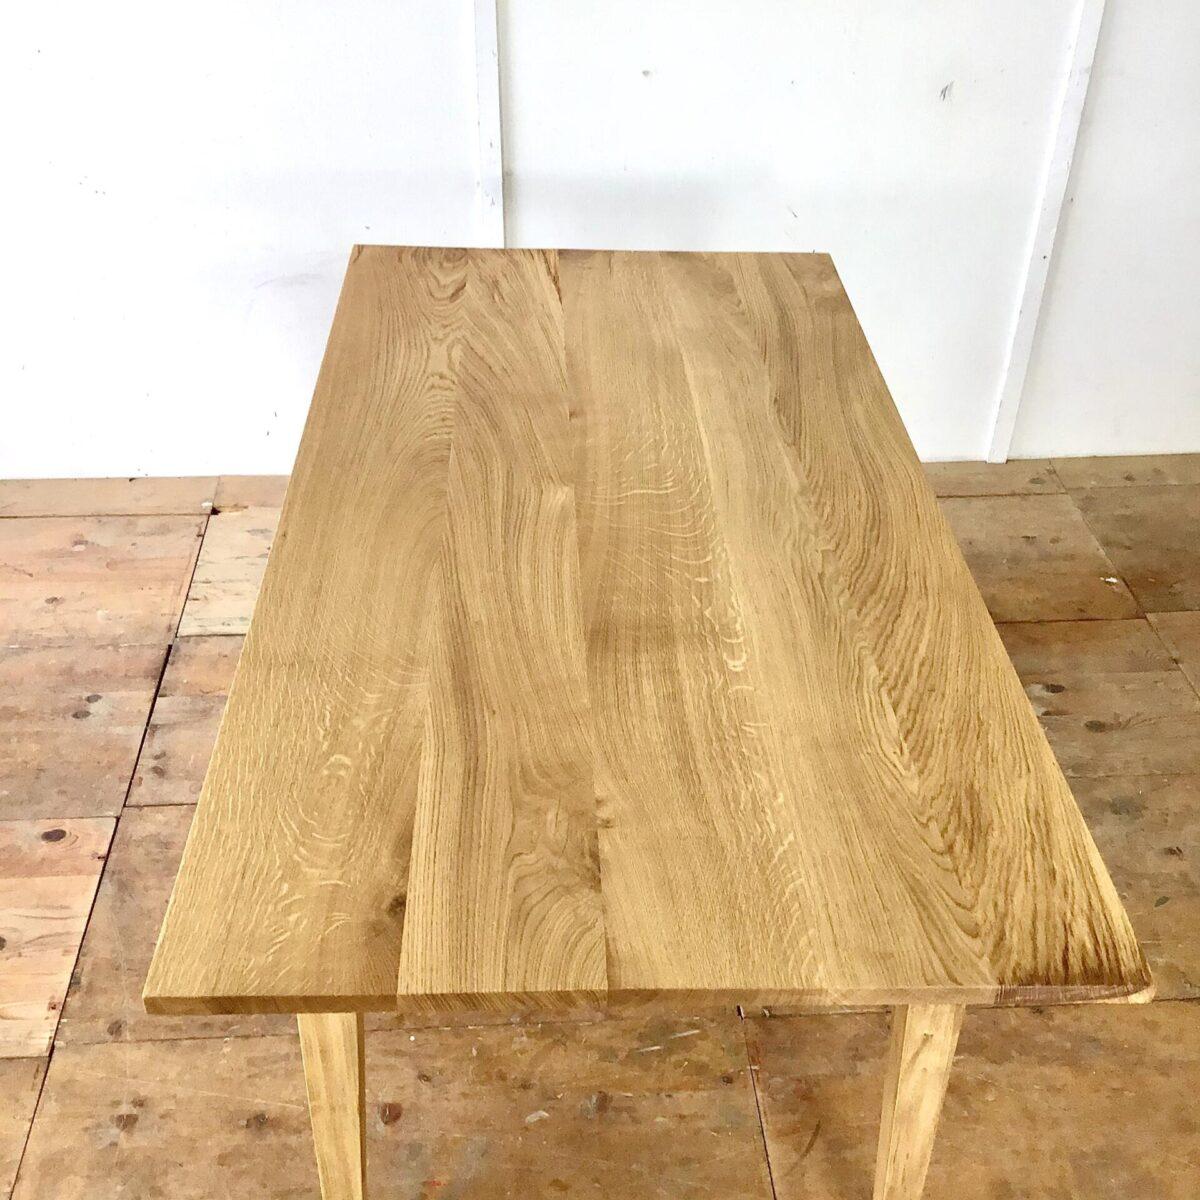 Esstisch aus Eichen Altholz 175cm mal 88.5cm Höhe 75cm. Ein paar kleine Wurmlöcher im Tischblatt, Oberflächen Behandlung mit natürlichem Hartöl.